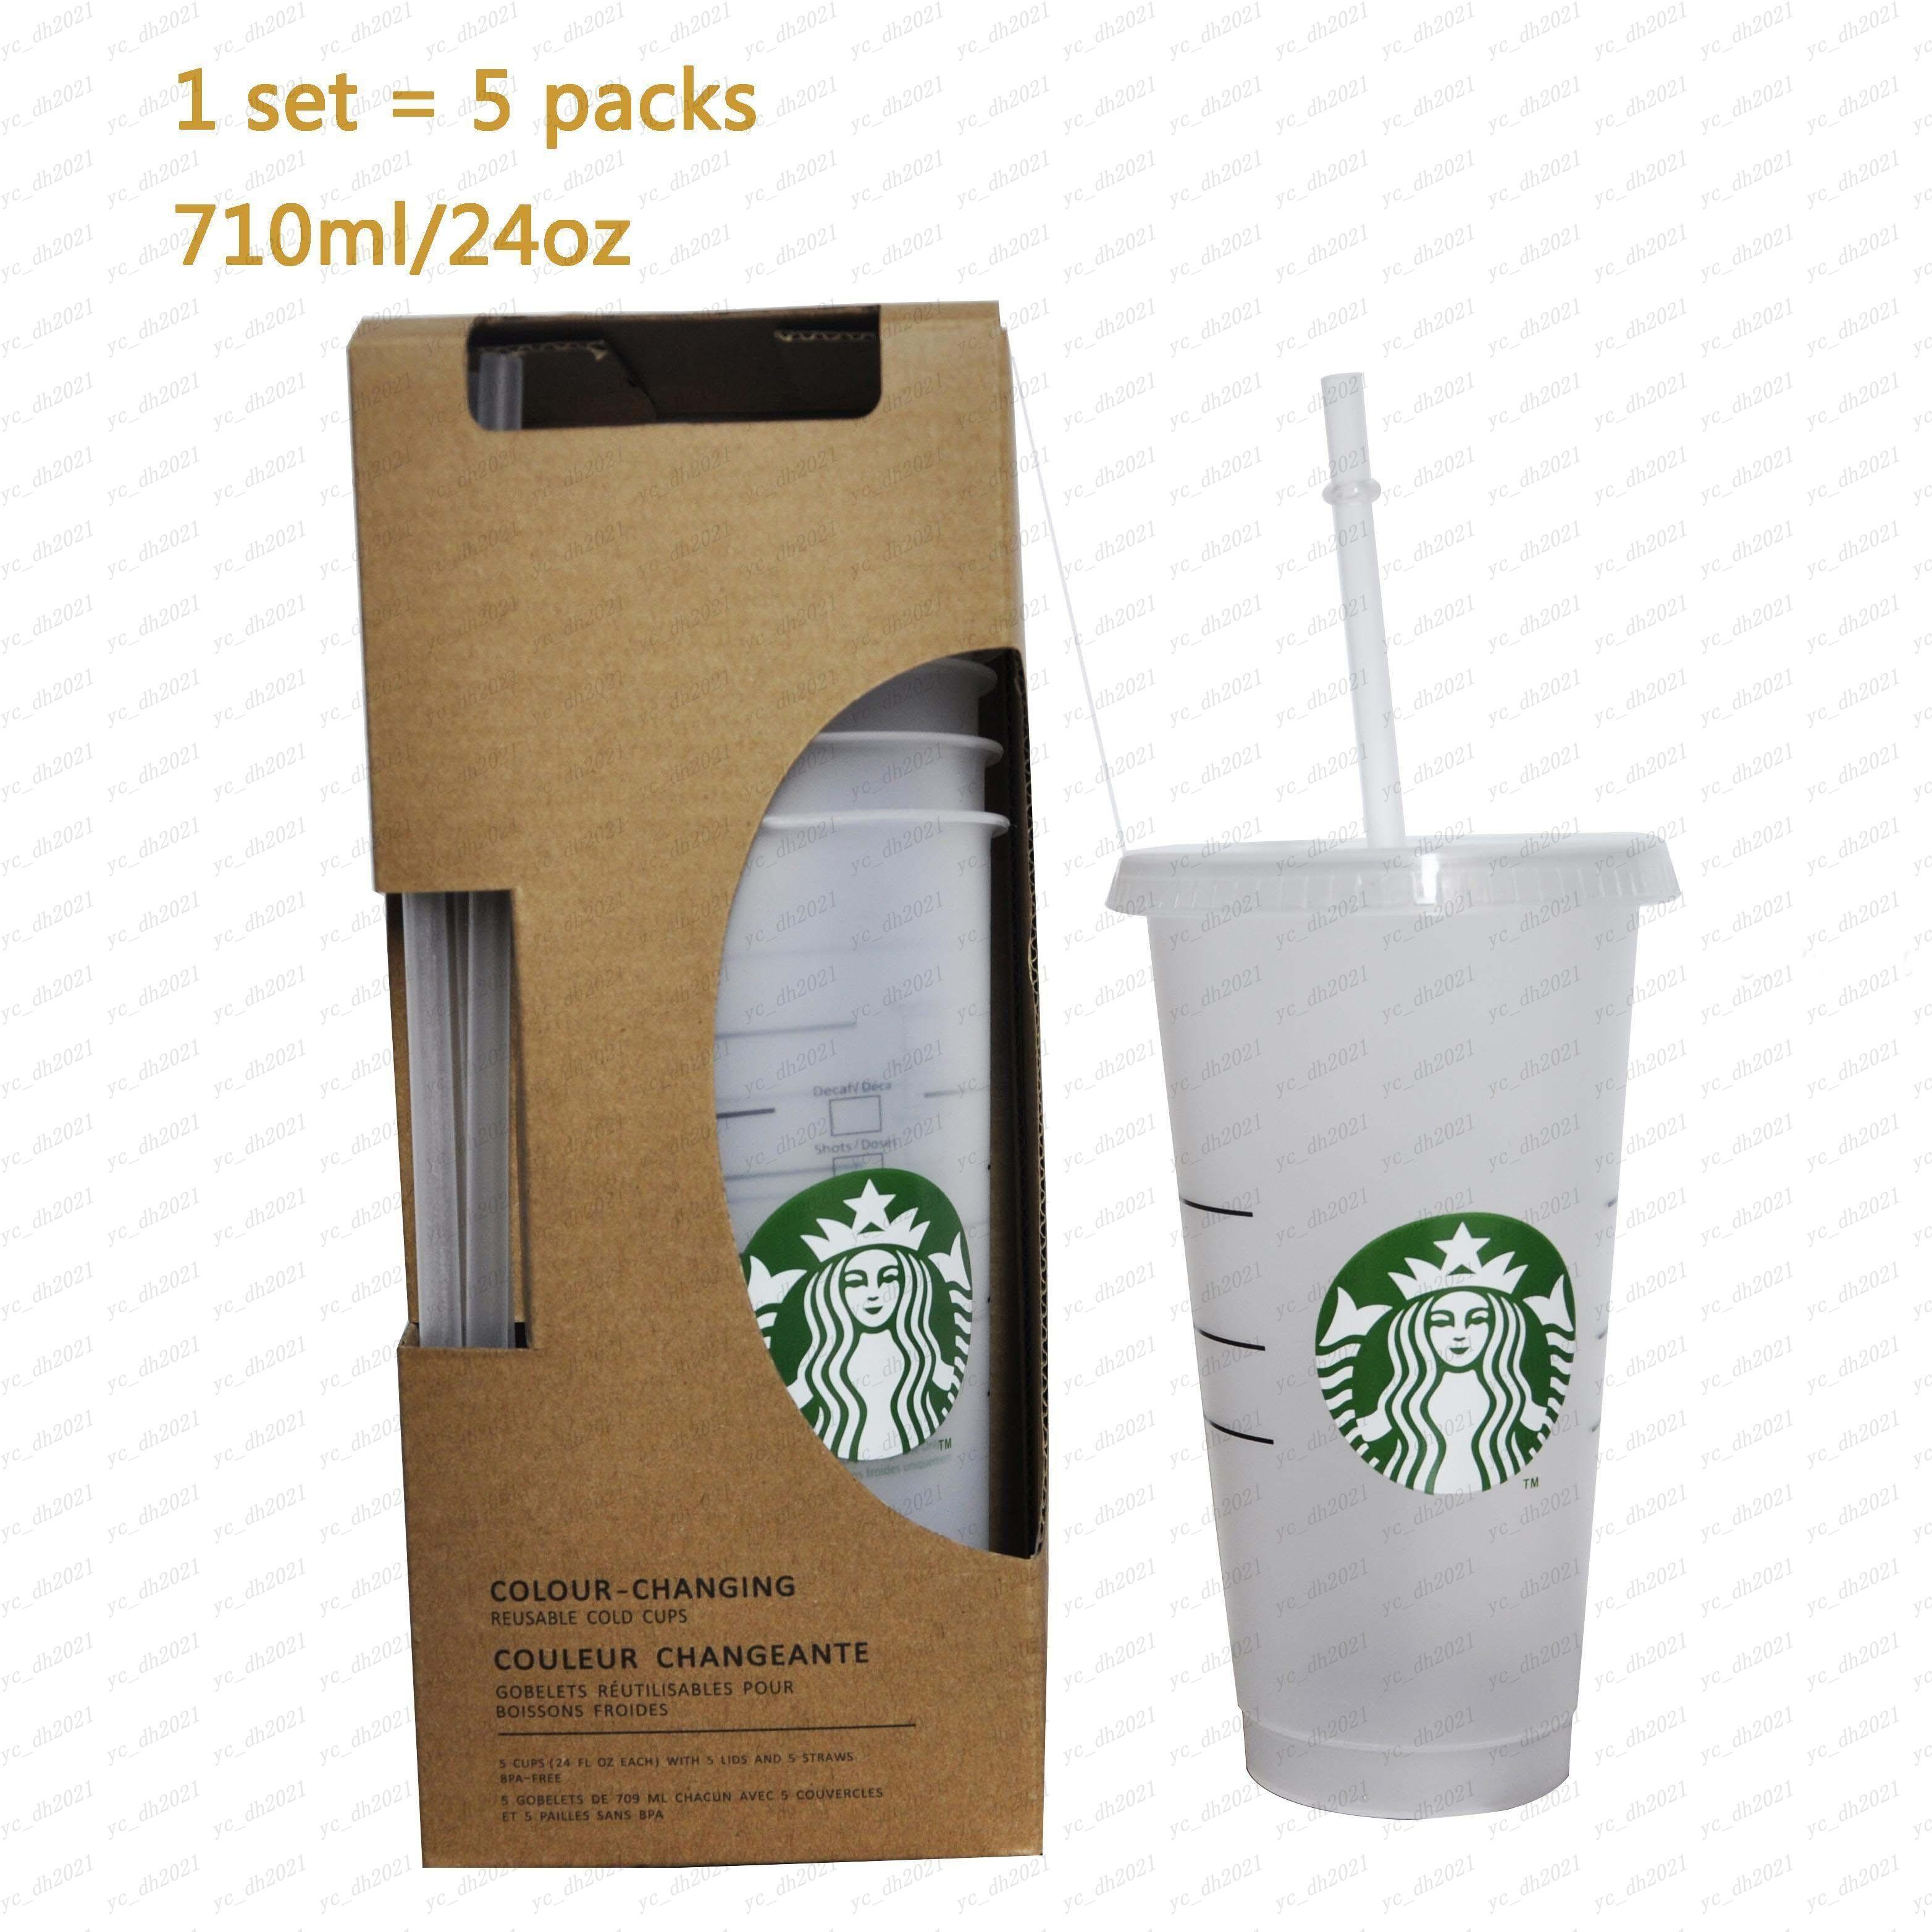 24 أوقية / 710 ملليلتر البهلونز البلاستيك شرب كأس عصير مع الشفاه و القش سحر القهوة القدح كوستوم ستاربكس أكواب شفافة